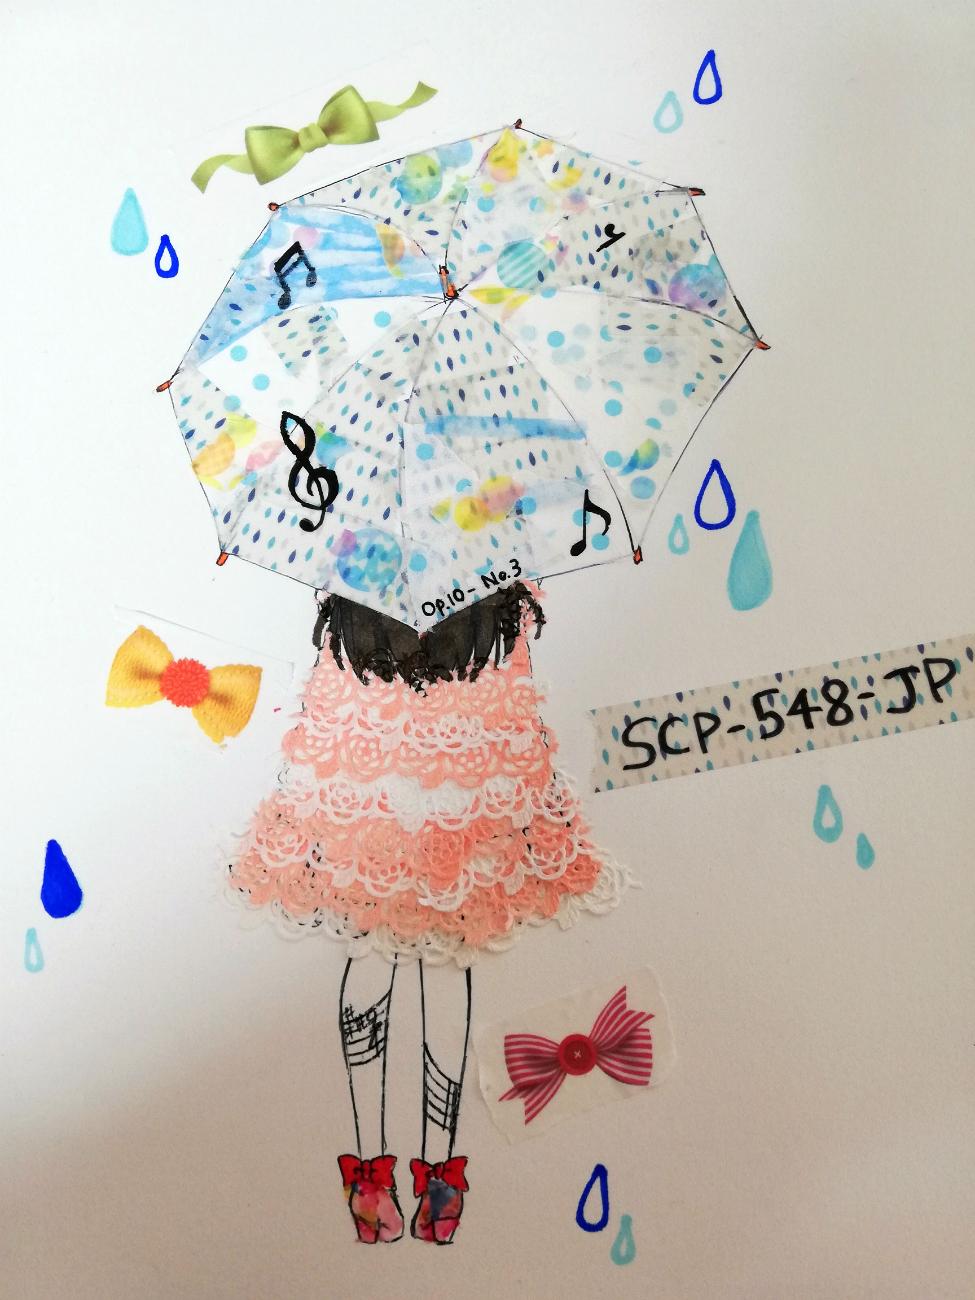 rainstopsgood-bye.jpg